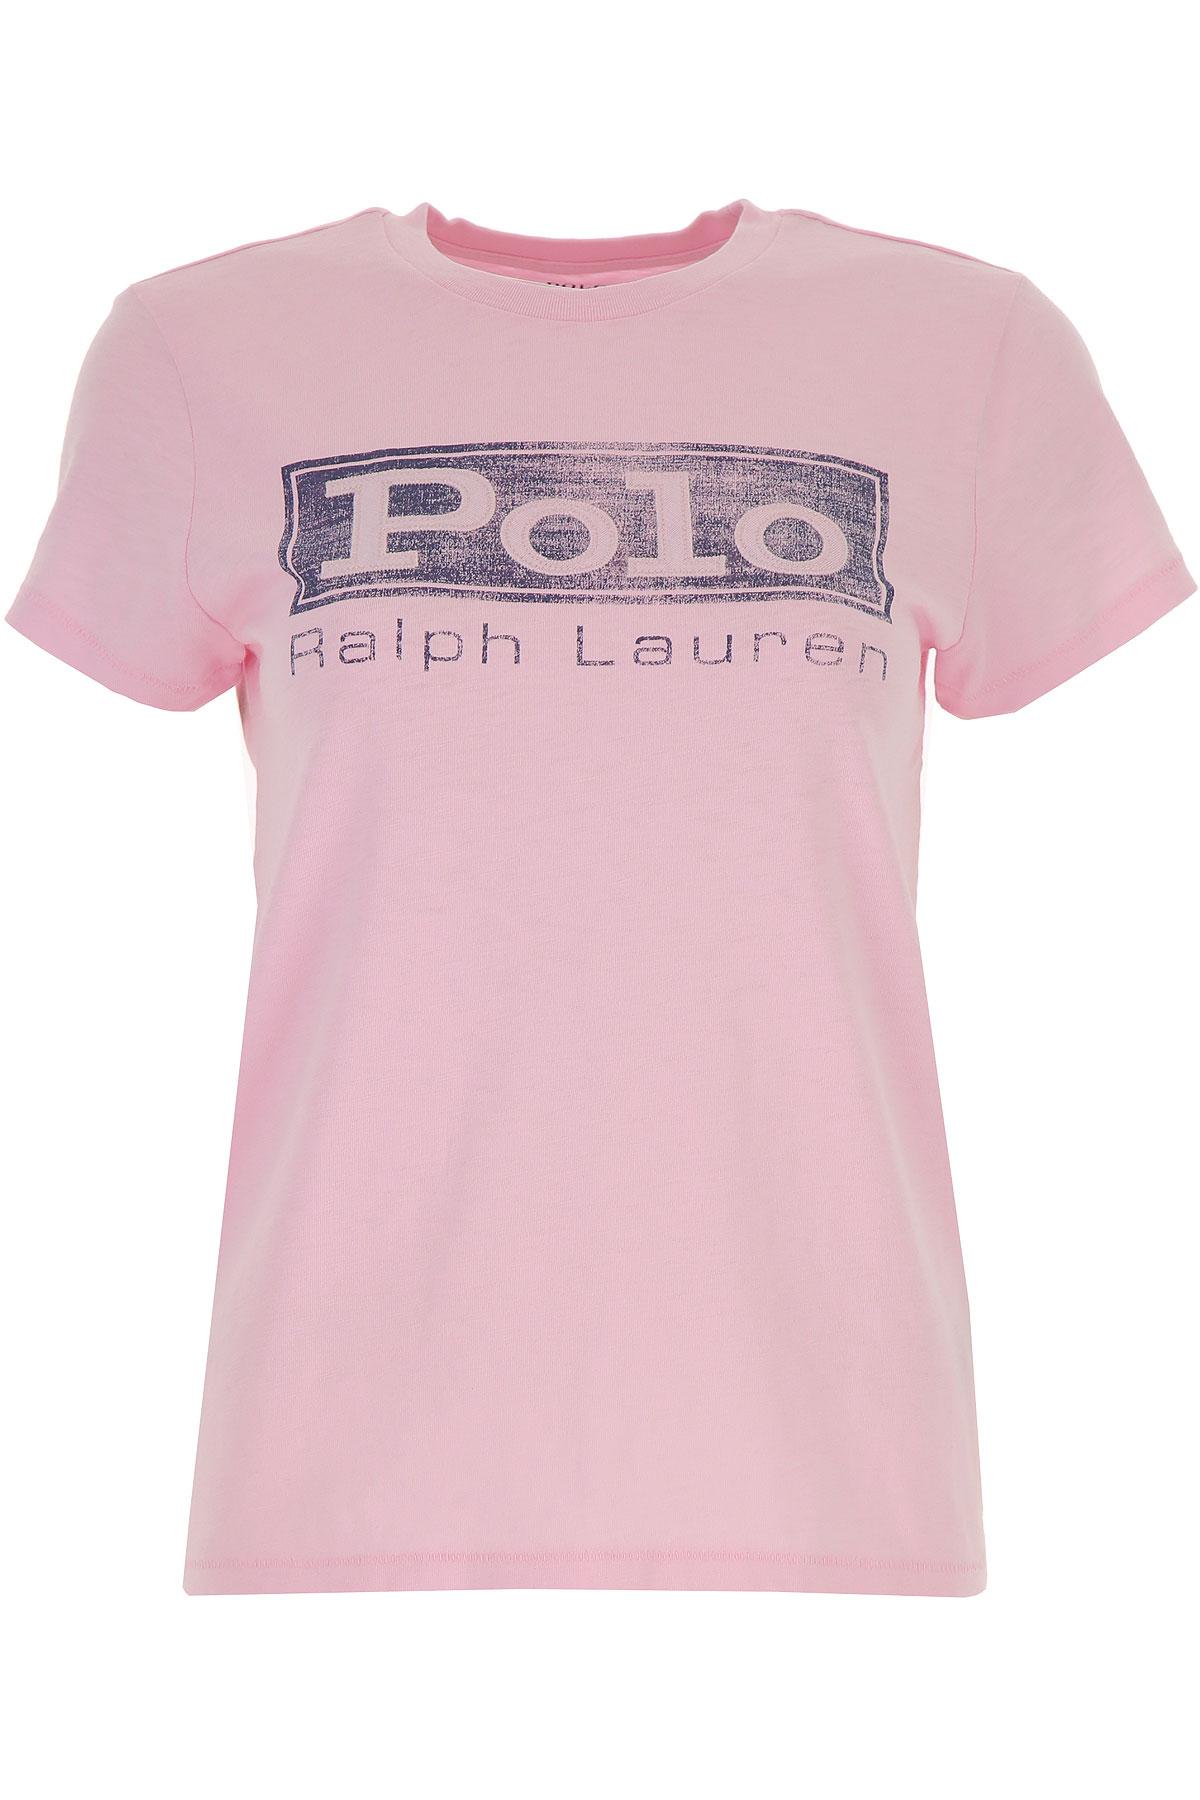 Ralph Lauren T-Shirt Voor Dames In Aanbieding, Roze, Katoen, 2019, L M XS